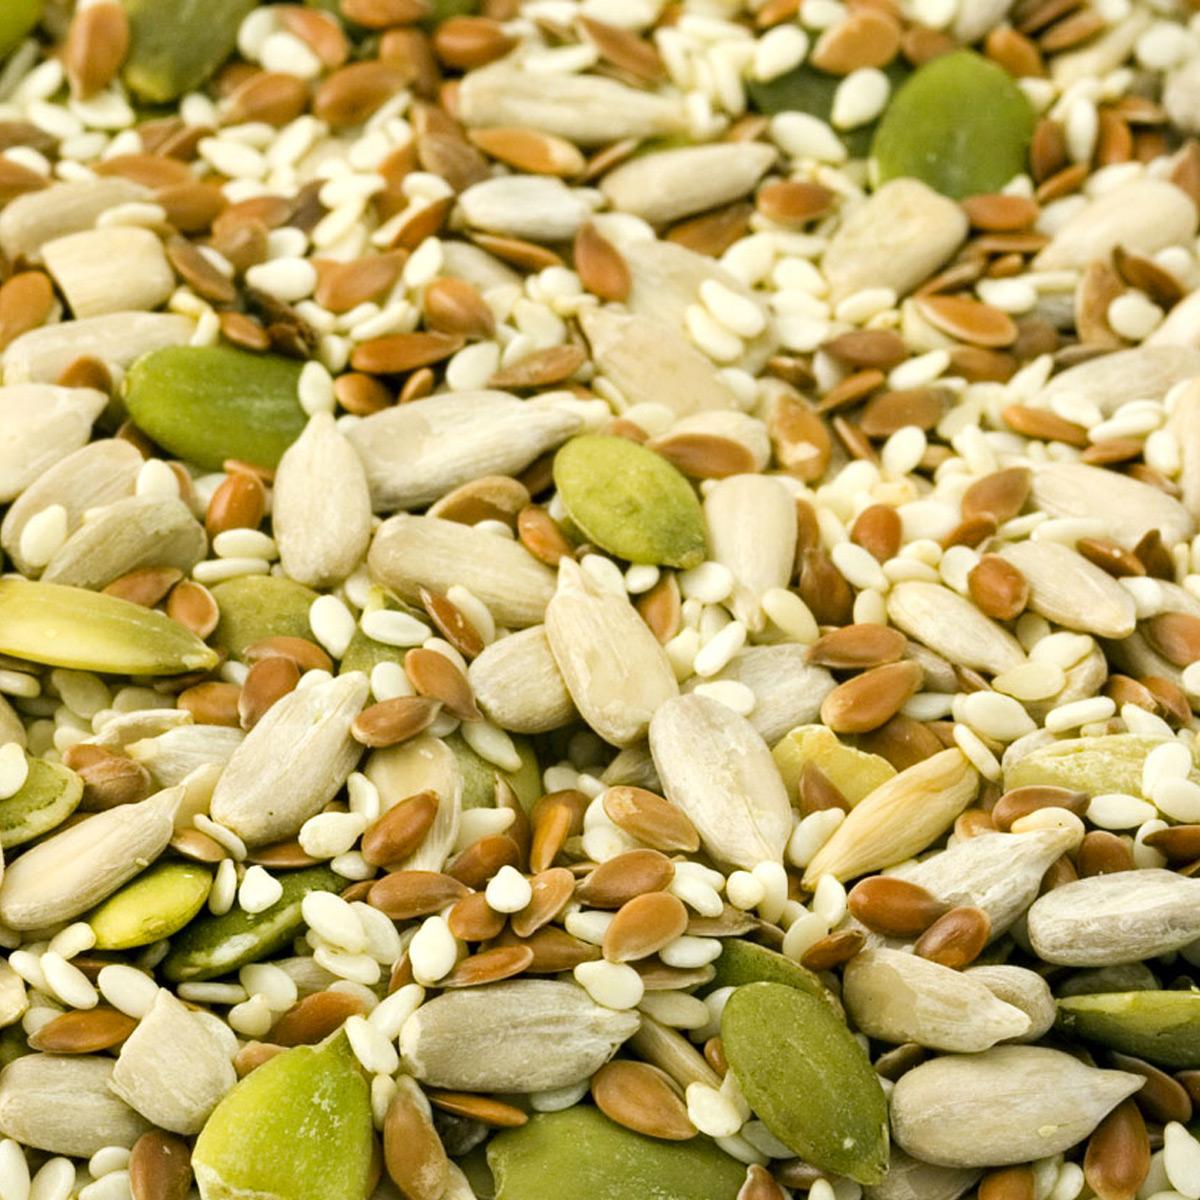 Notre collection de semences biologiques